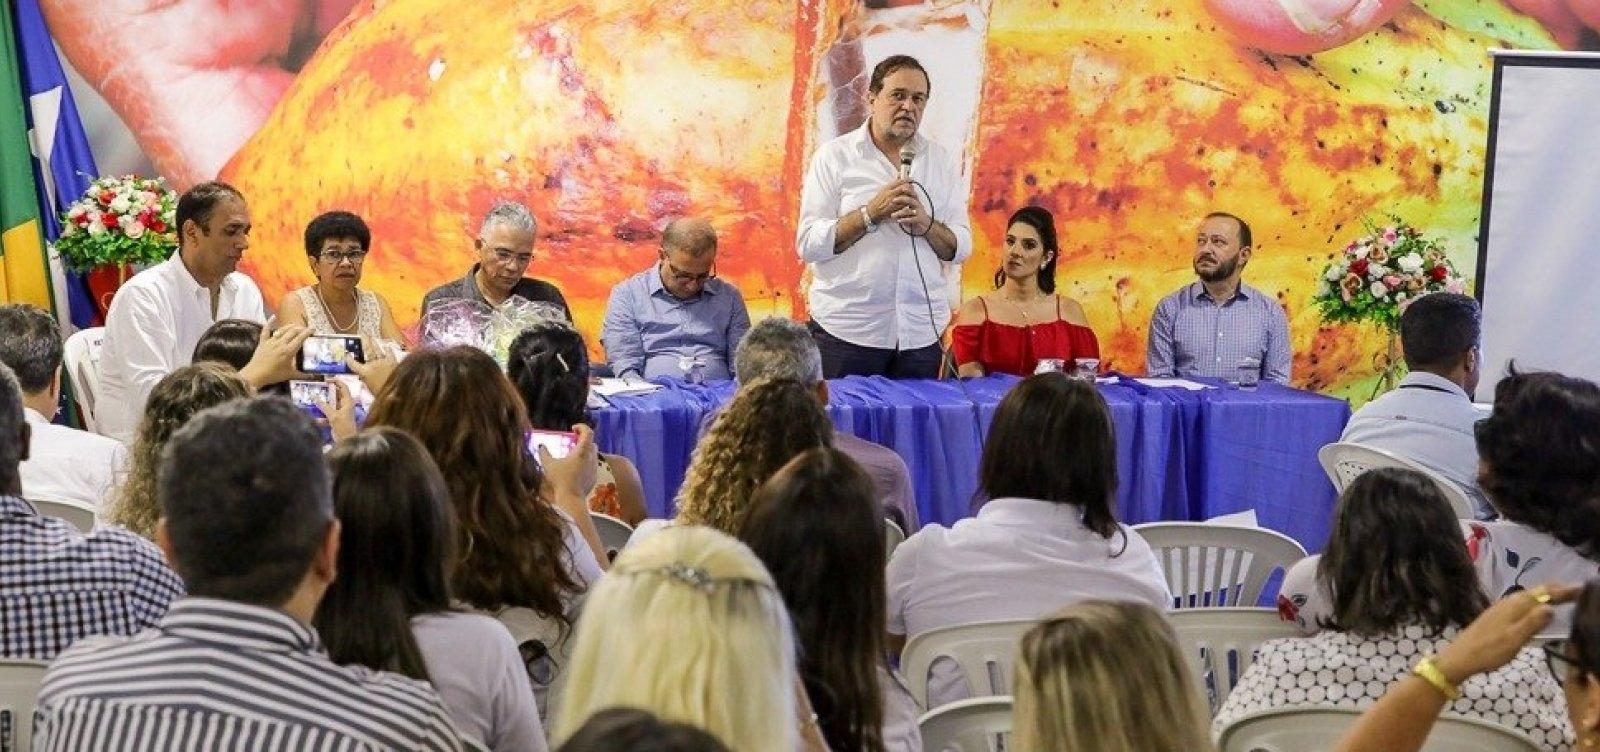 Cinco classes hospitalares são inauguradas para atender estudantes no sul da Bahia